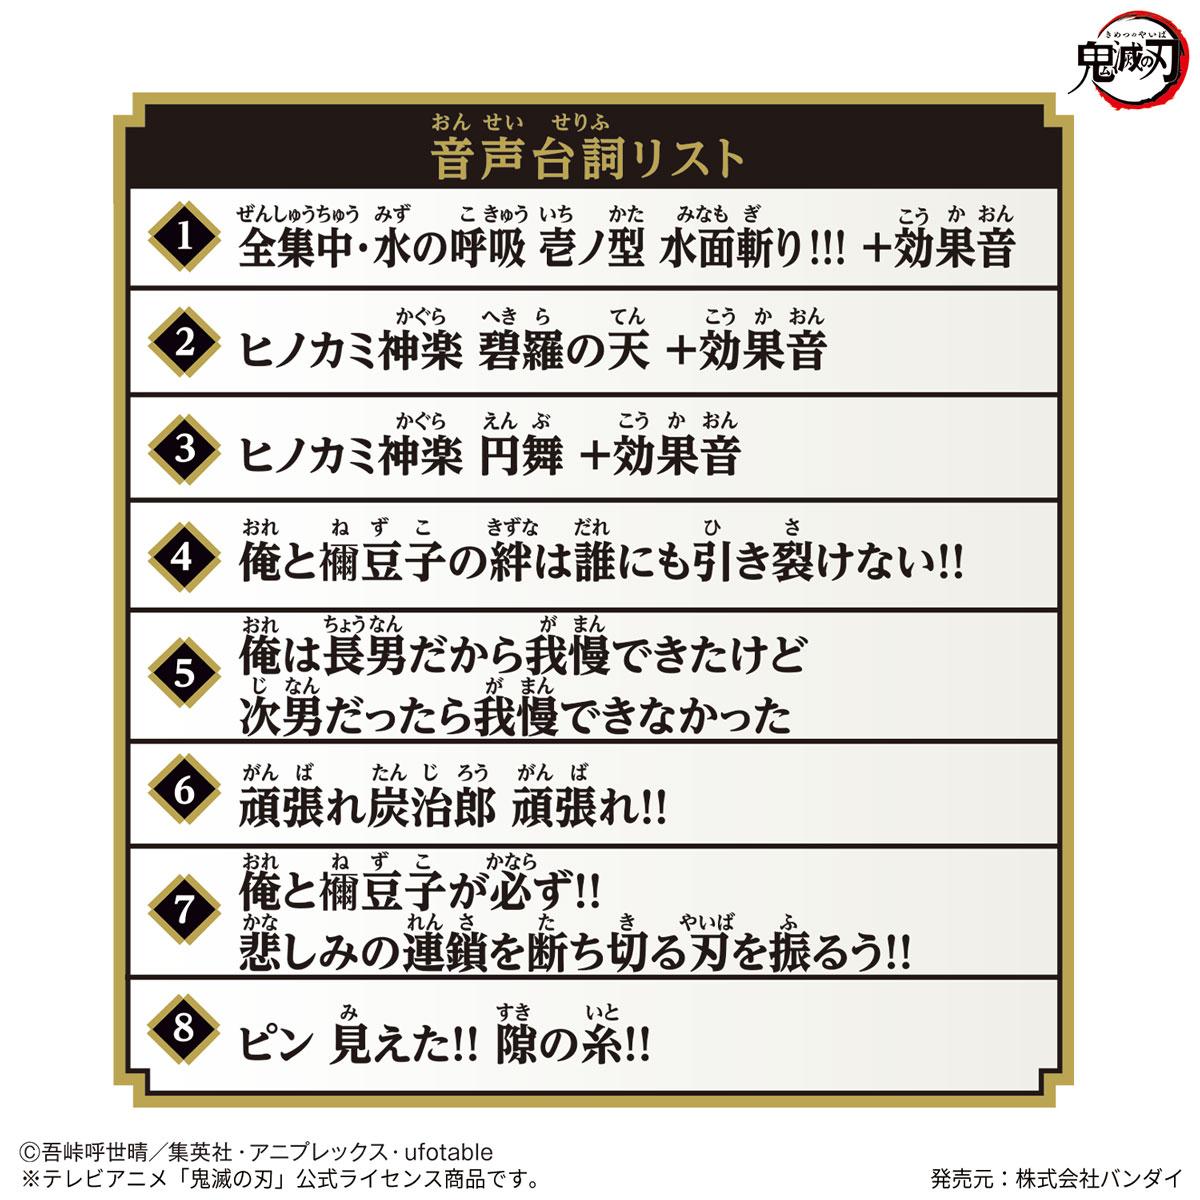 鬼滅の刃『NARIKIRI日輪刀~竈門炭治郎~』変身なりきり-006